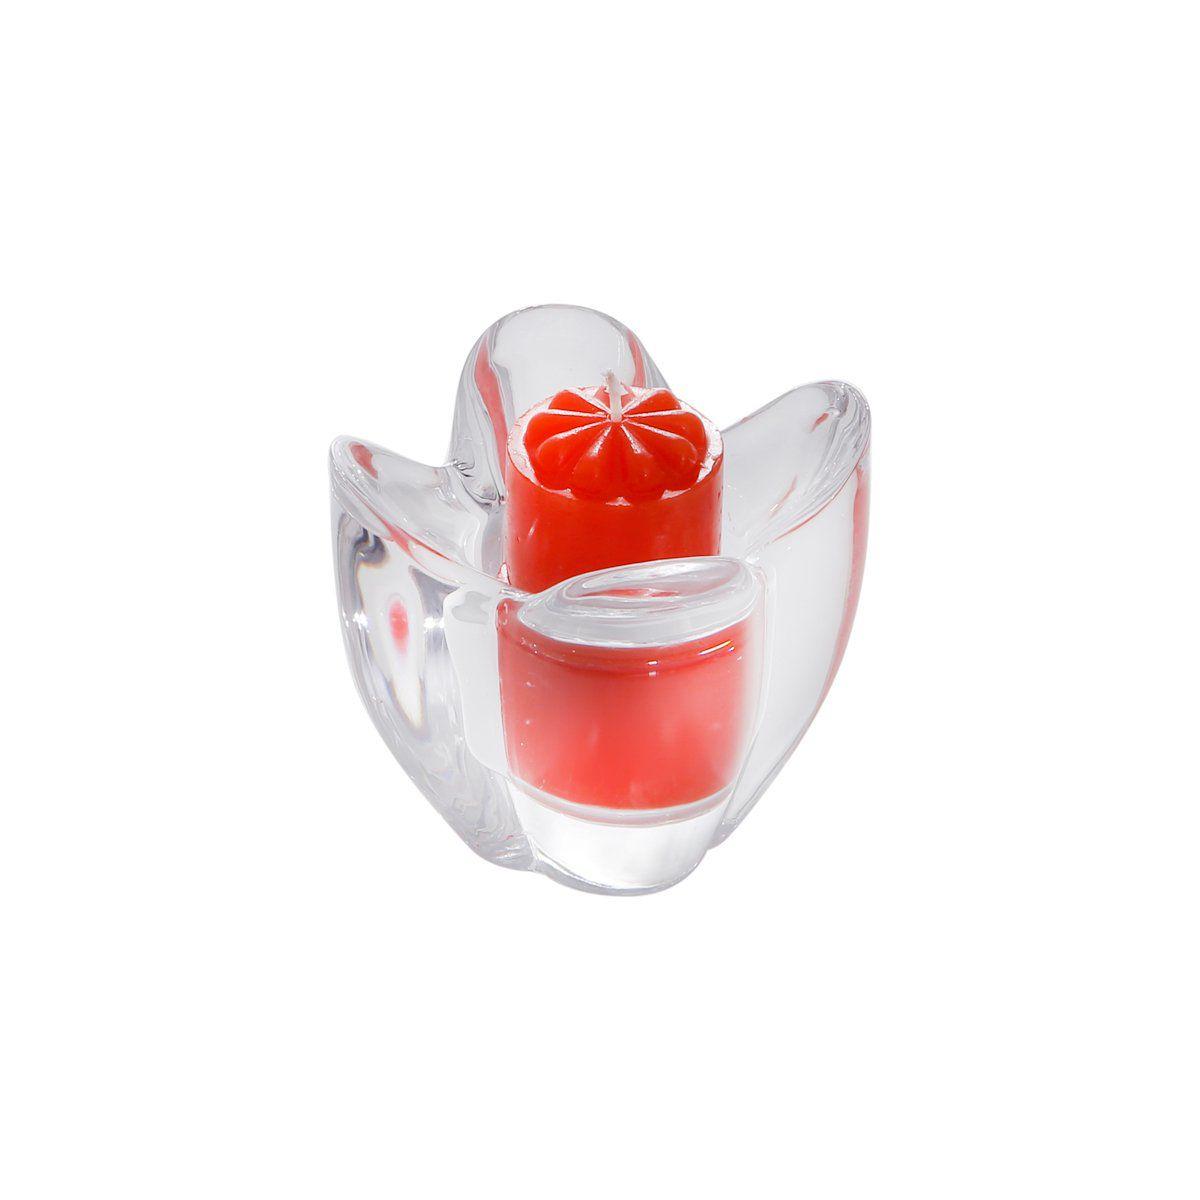 Porta-vela 8 cm de vidro transparente Tulipa Bon Gourmet - 2095